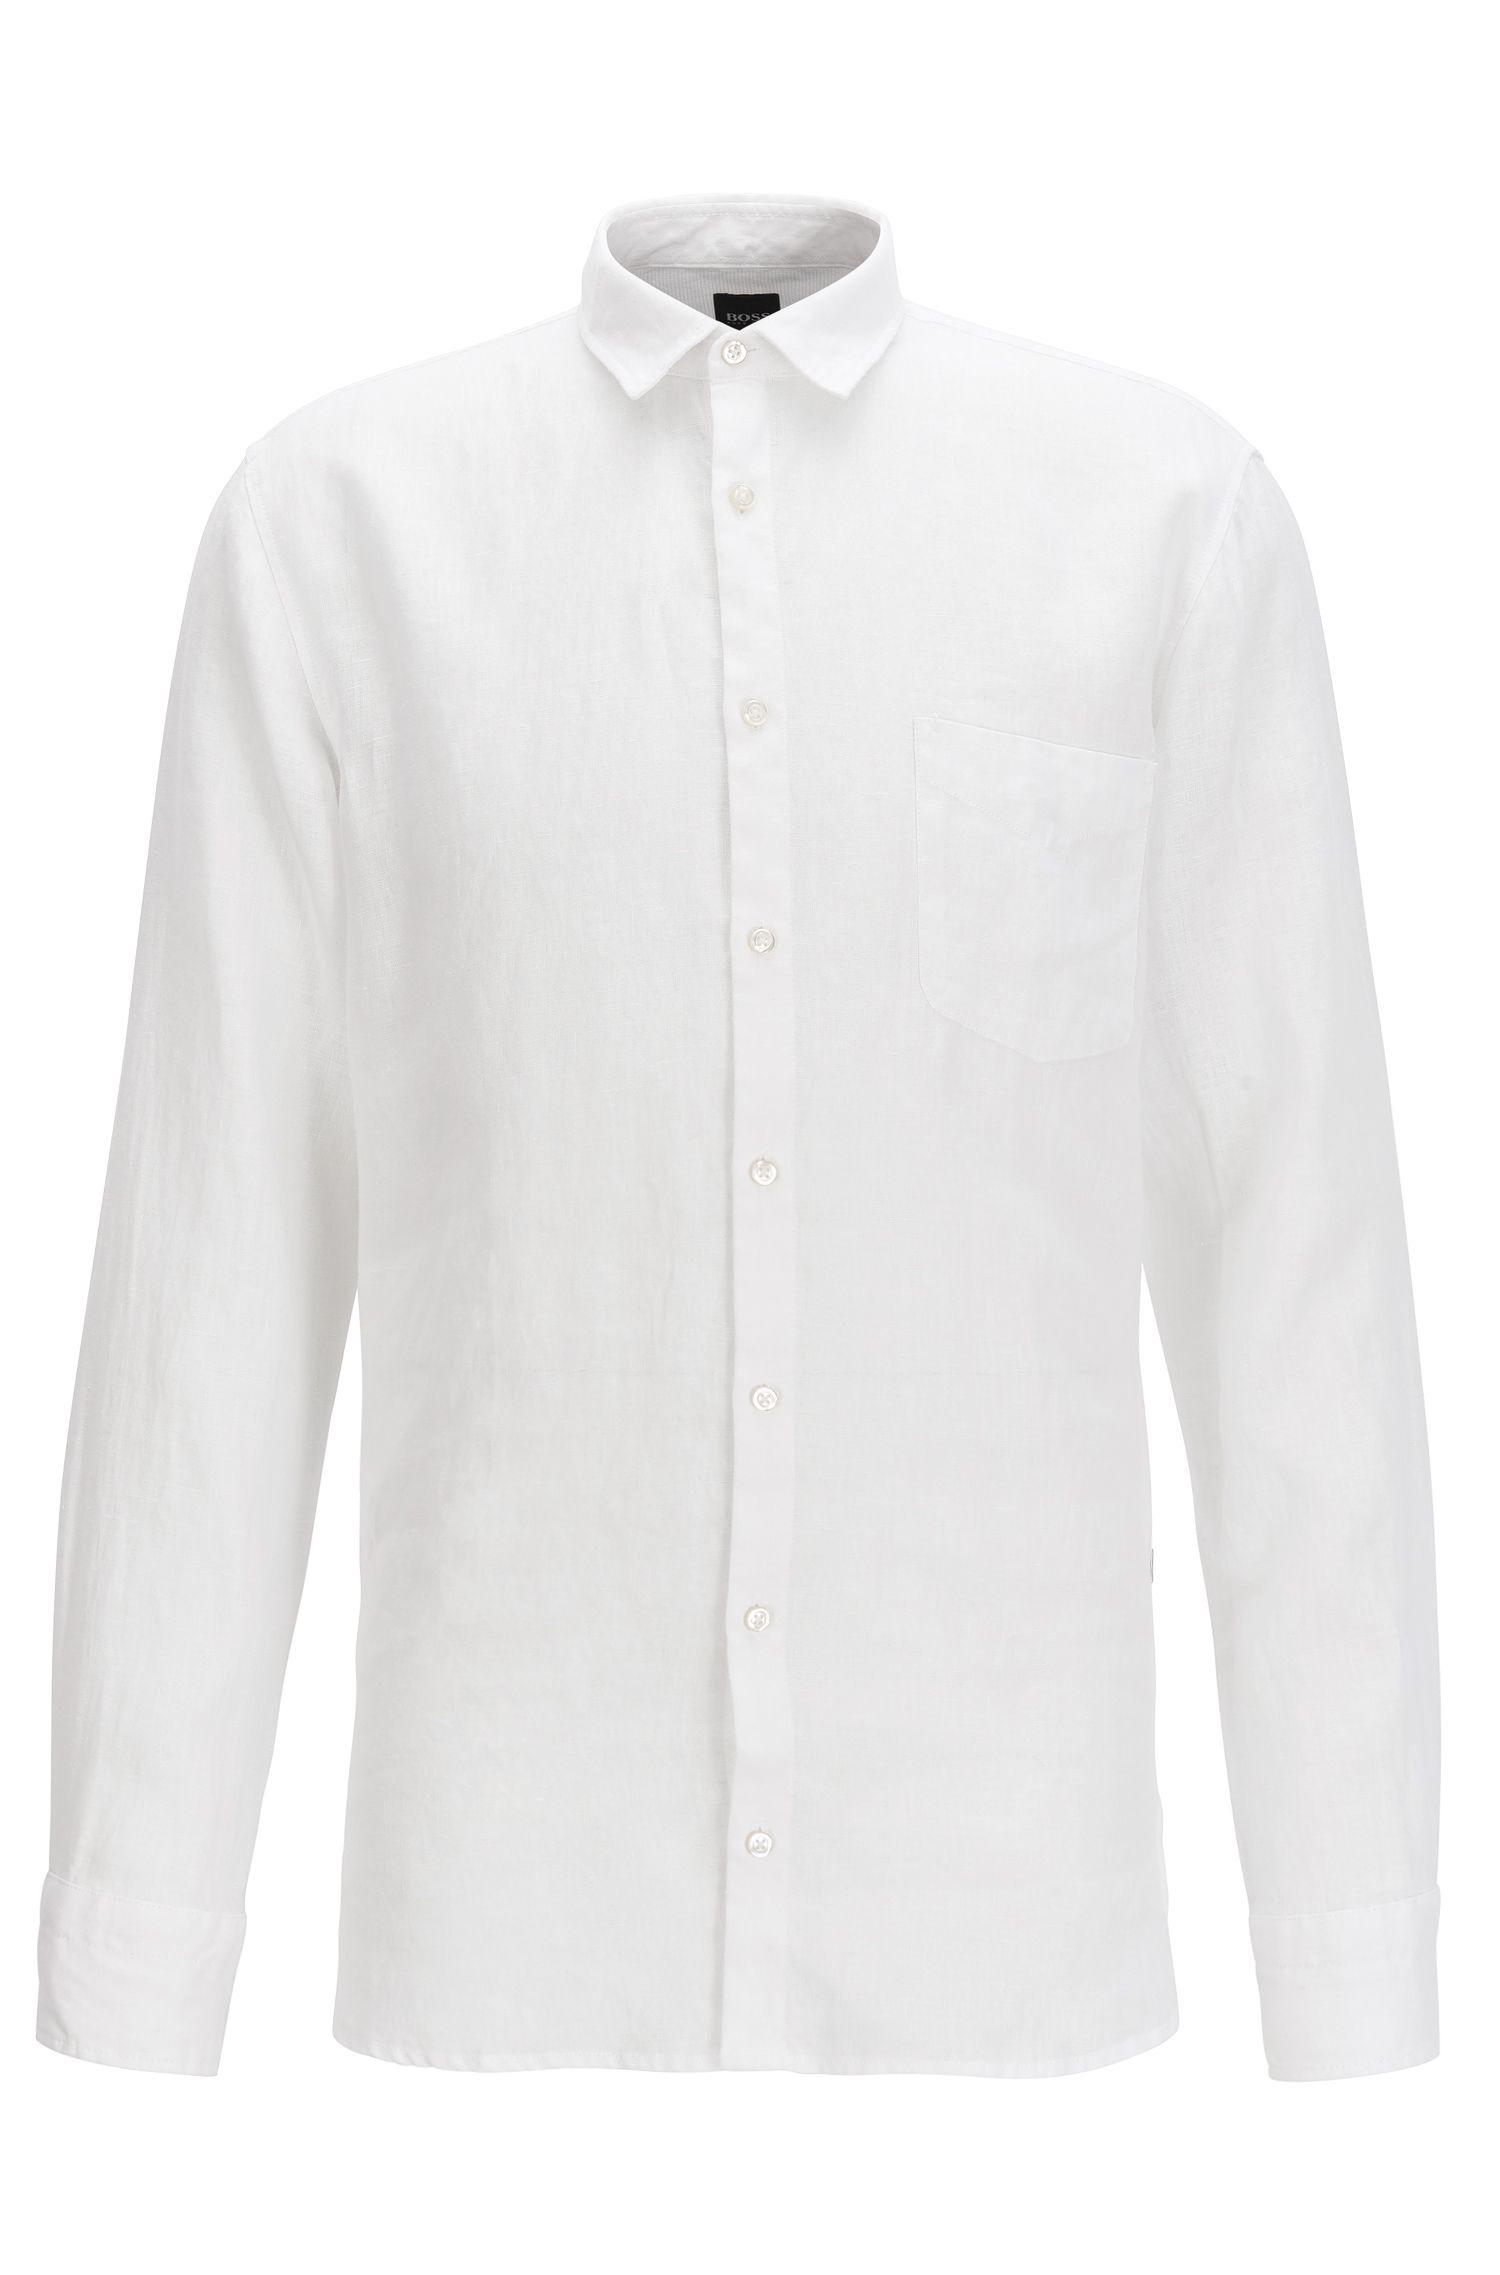 Camisa slim fit teñida con pigmentos en lino refrescante